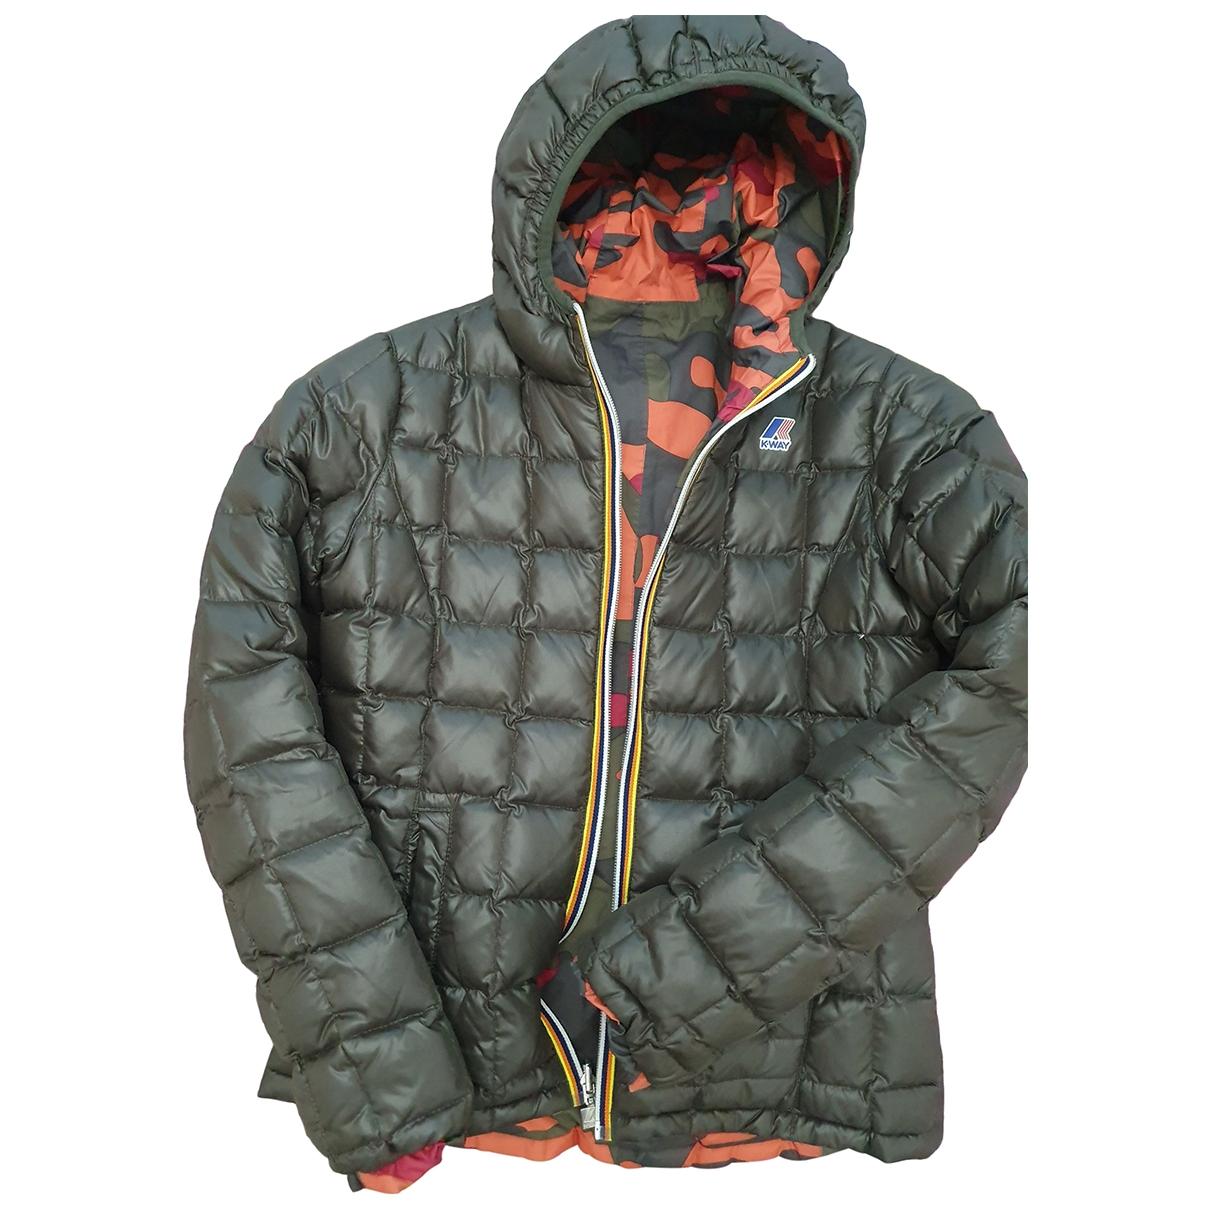 K-way \N Brown jacket & coat for Kids 14 years - S UK